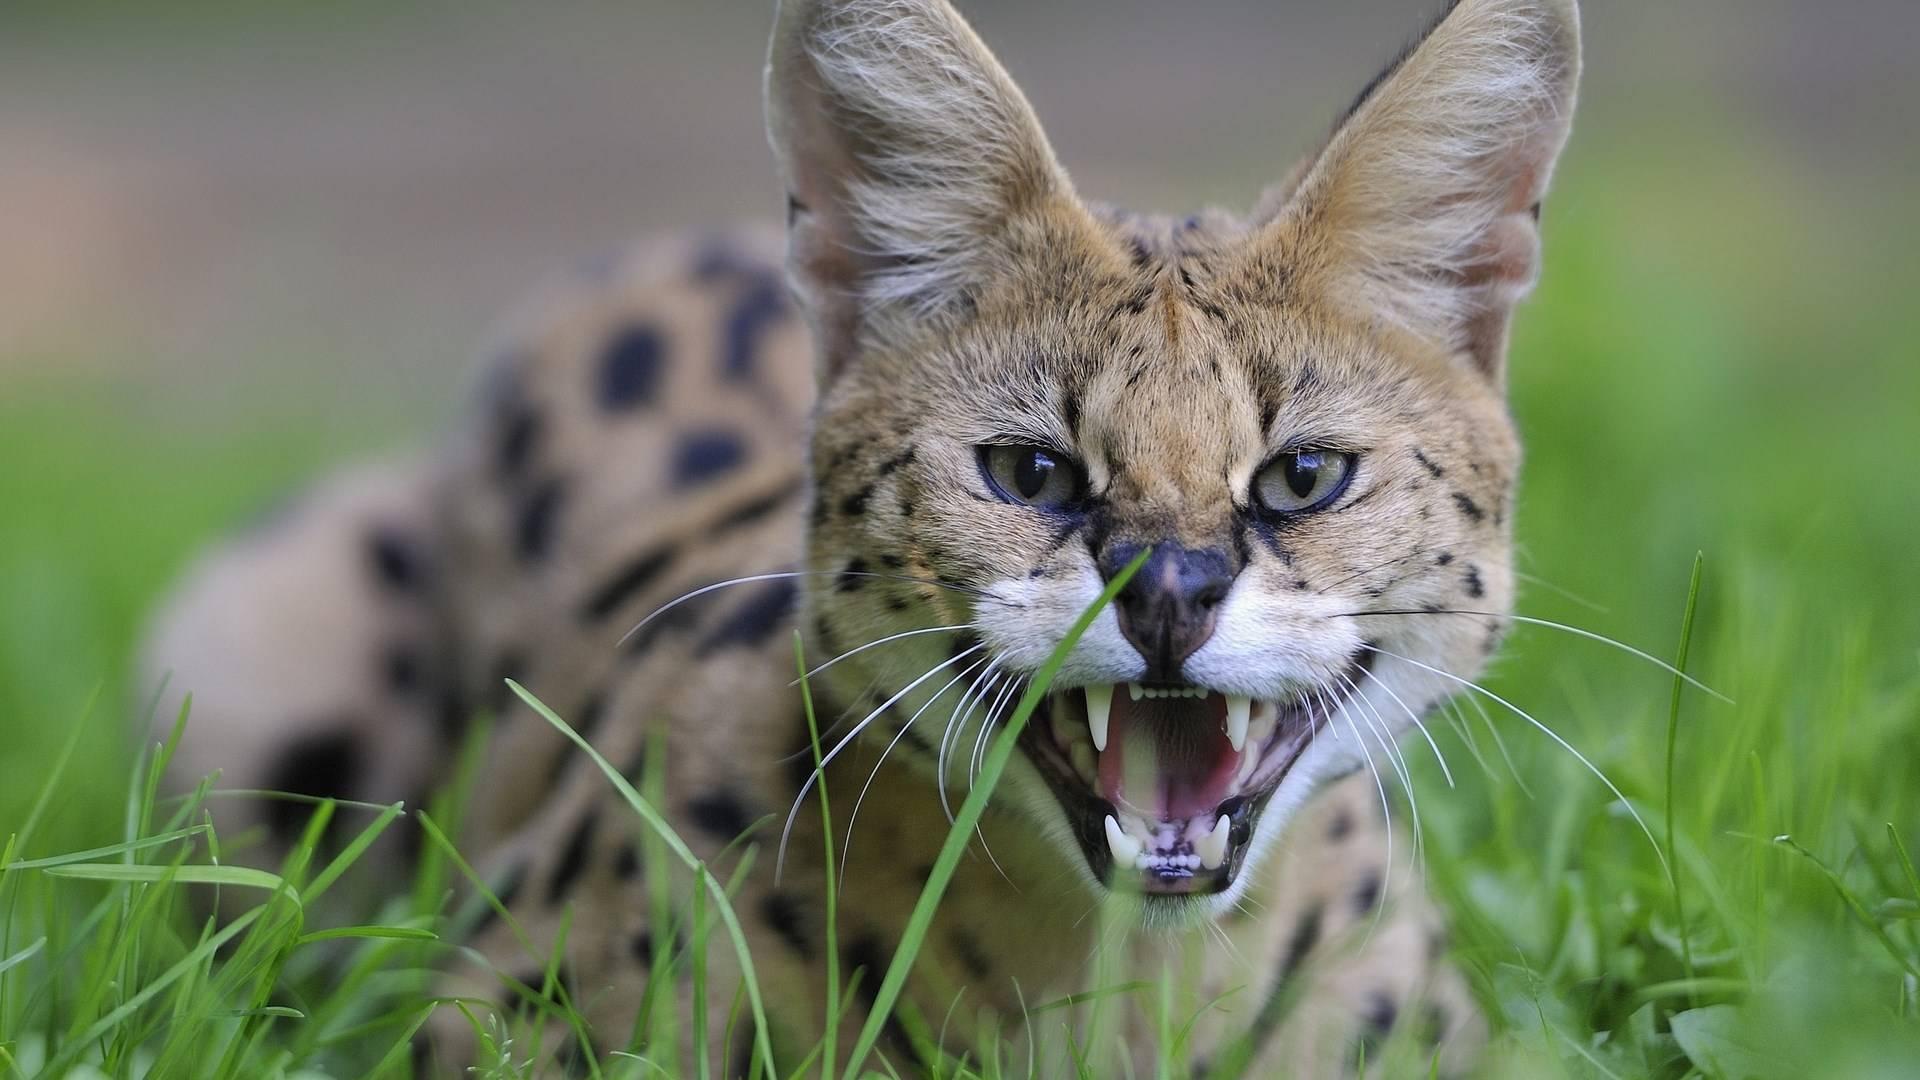 Кошка саванна – описание и особенности породы, отличие от сервала и основные черты характера